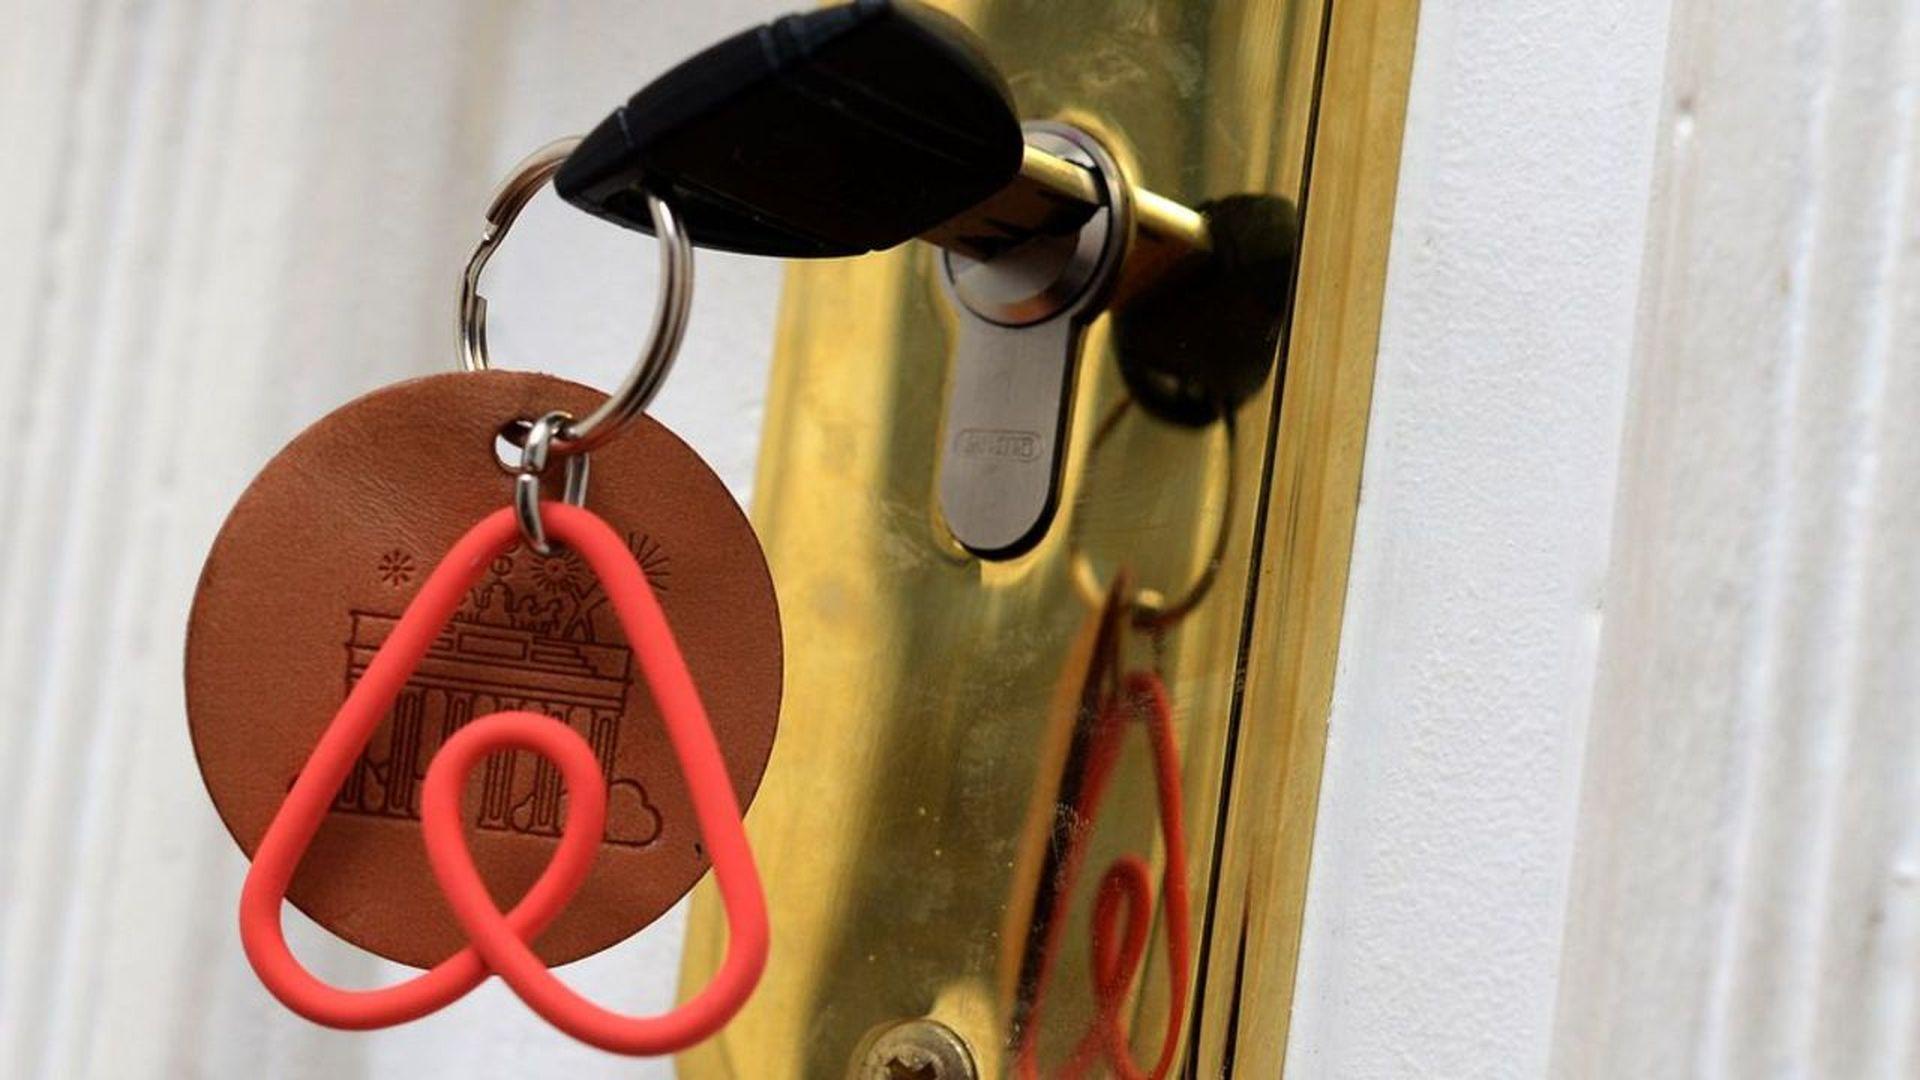 Airbnb logo as a key chain